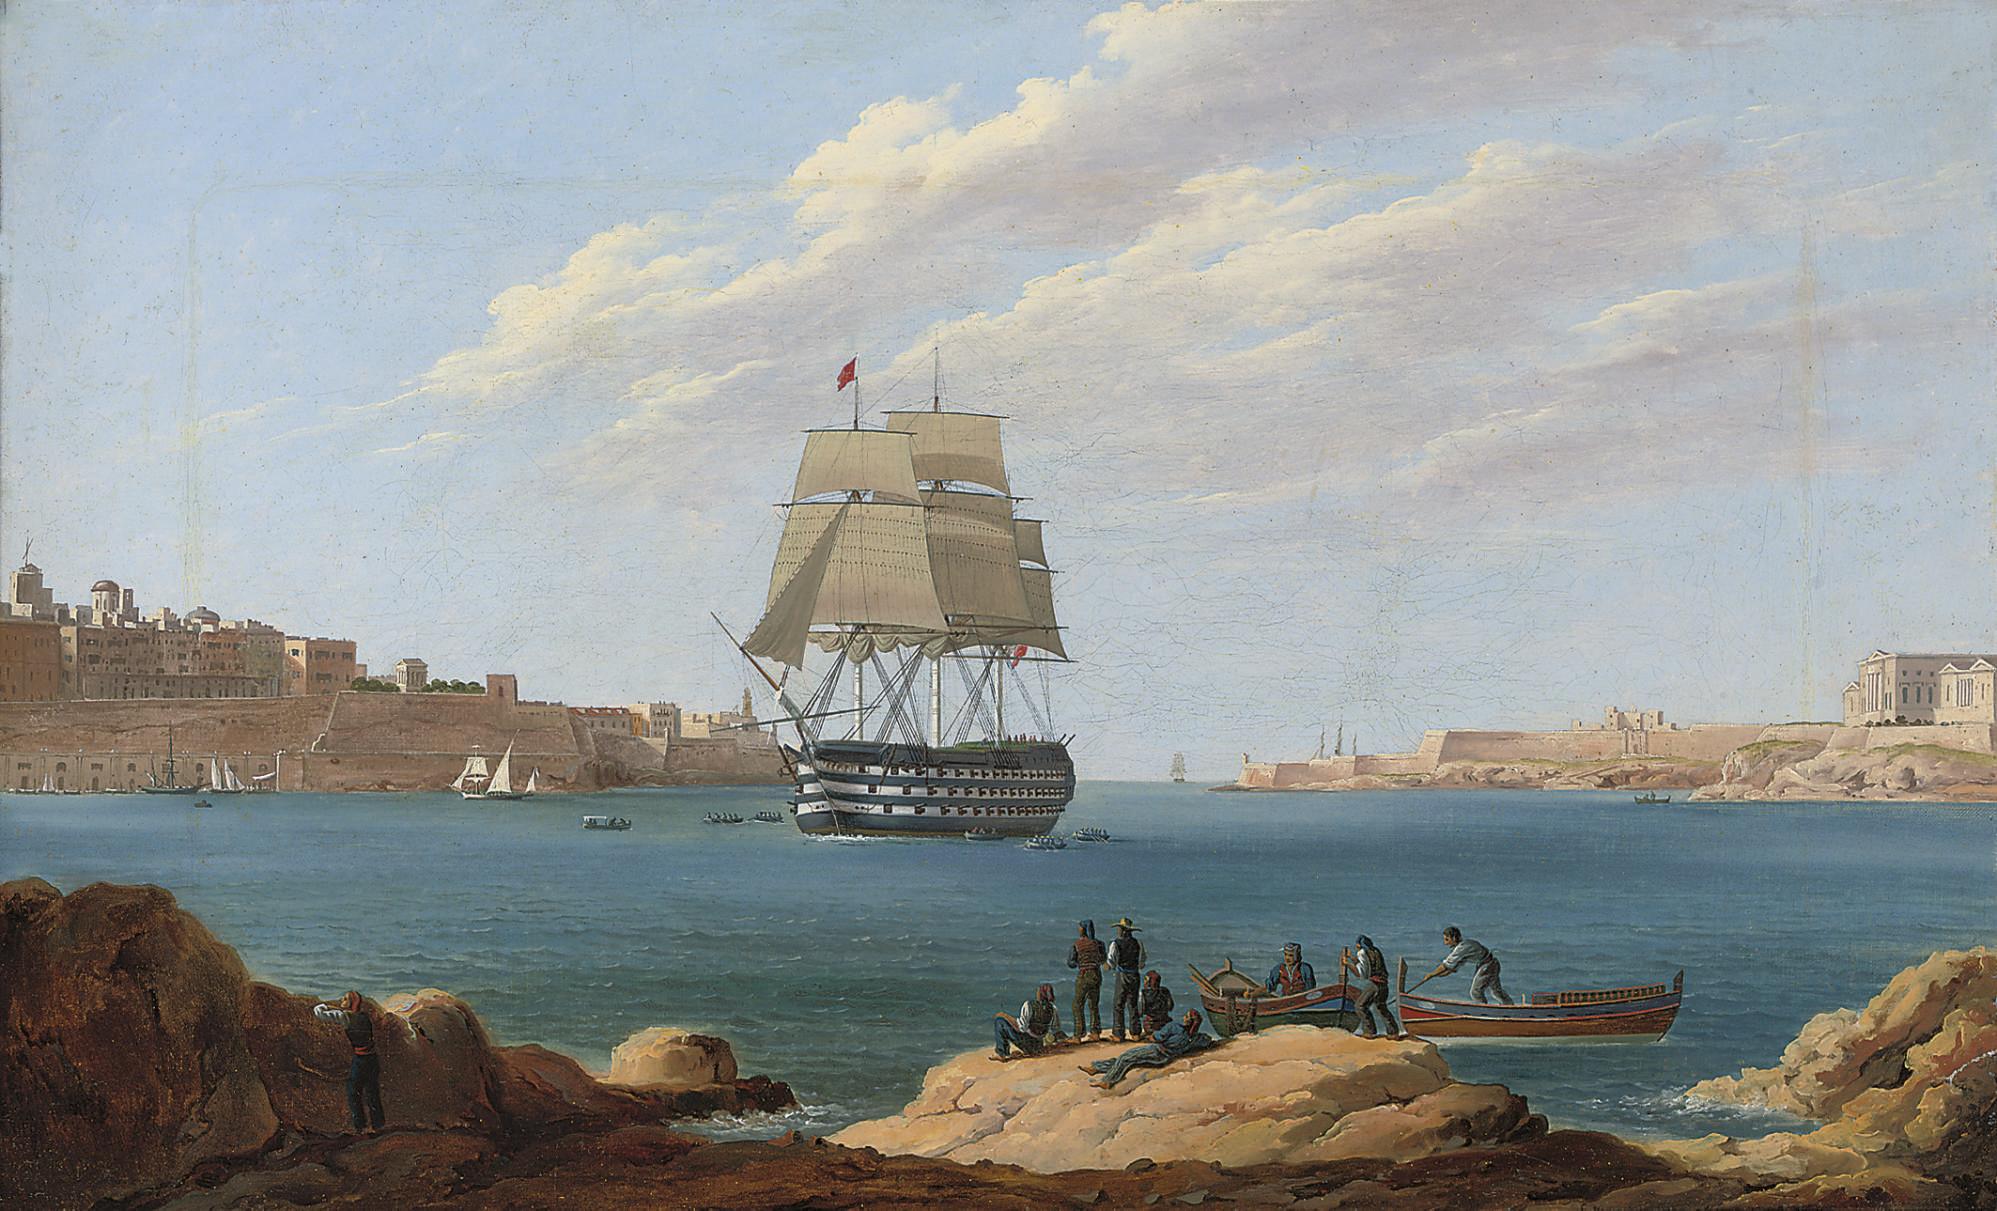 H.M.S. Britannia coming into Valetta, Malta